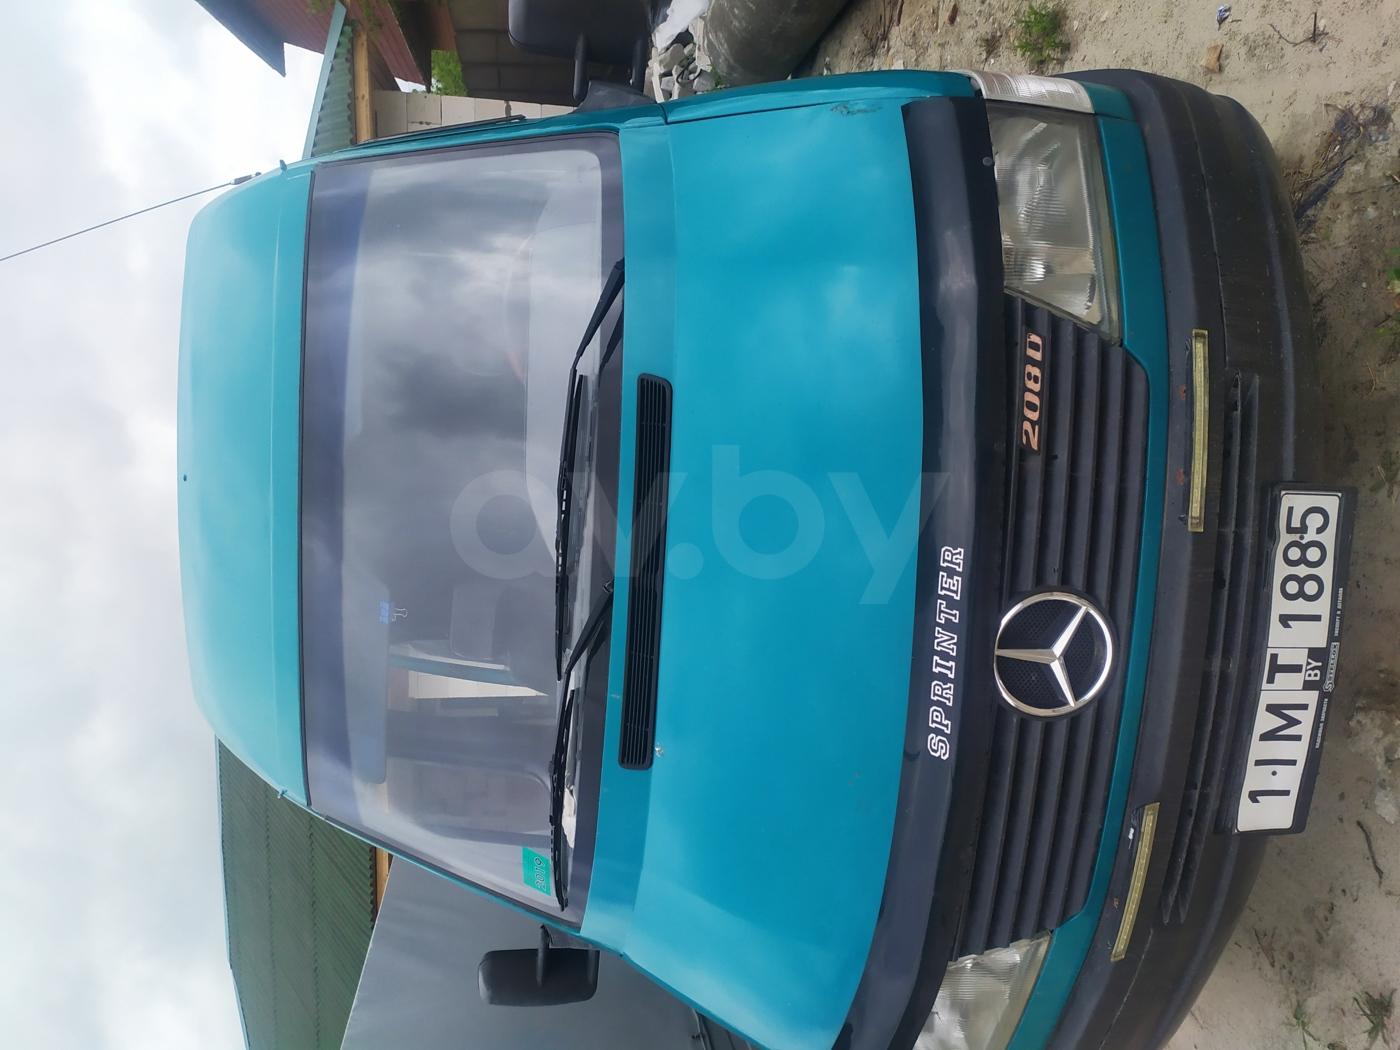 Mercedes-Benz Sprinter 208D, 1996 г.